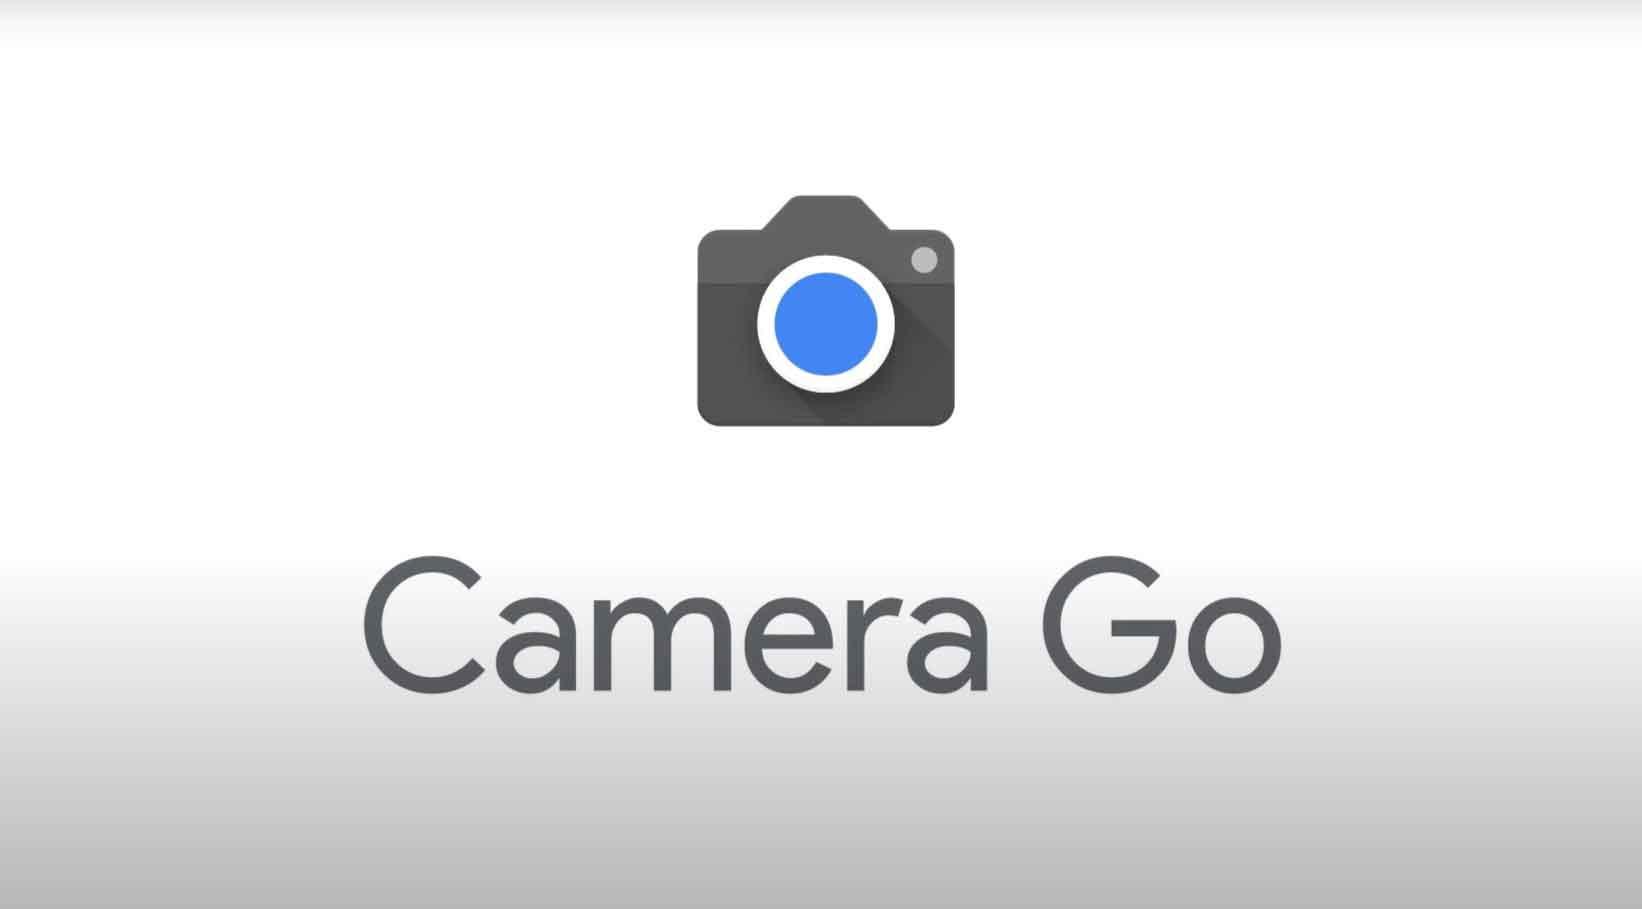 گوگل عکاسی را در گوشیهای ارزان قیمت بهبود می بخشد